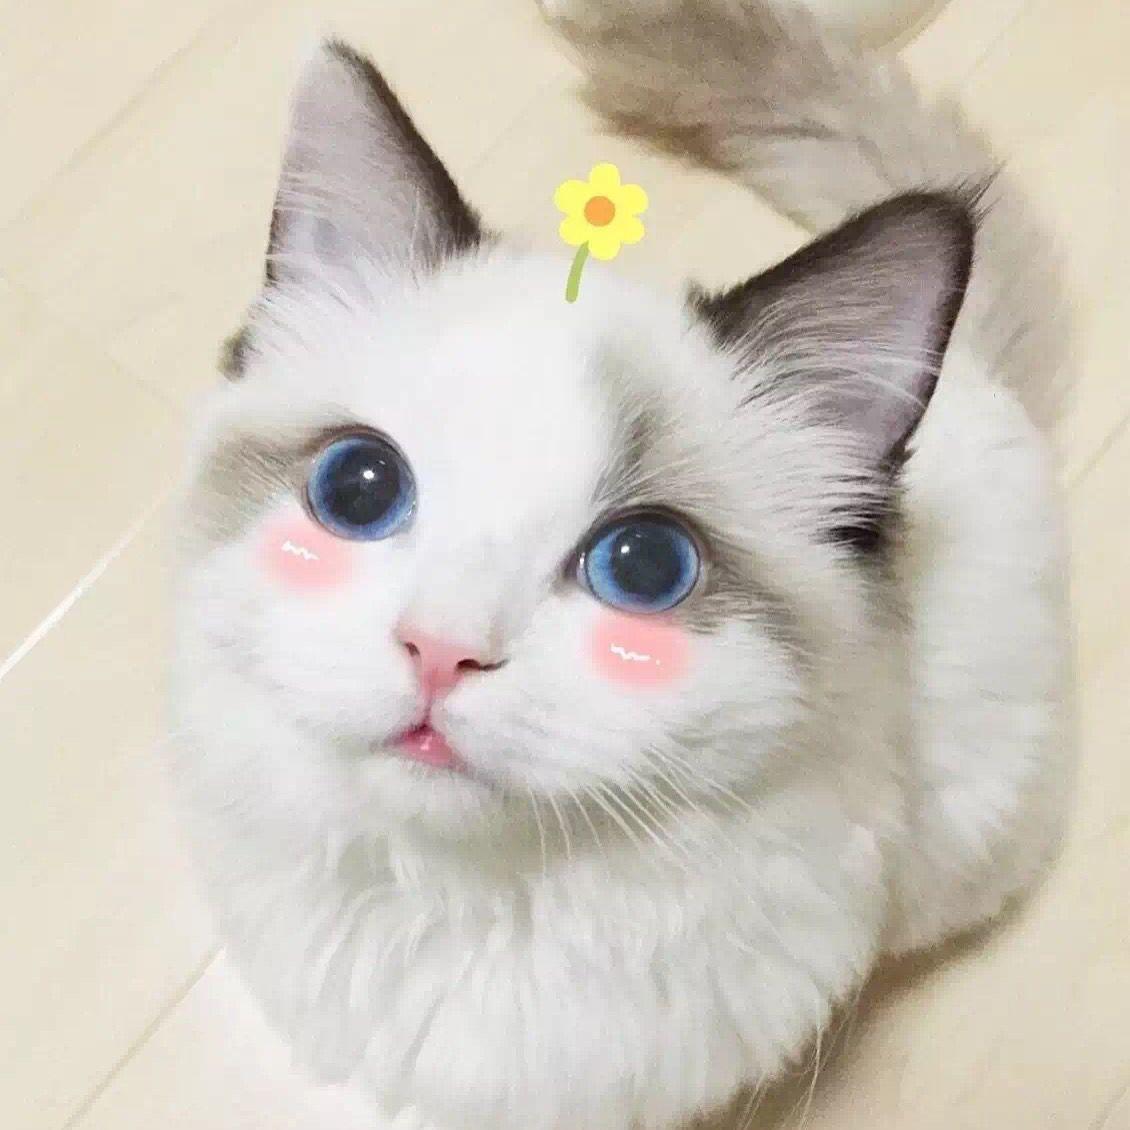 Ảnh đại diện hình mèo dễ thương